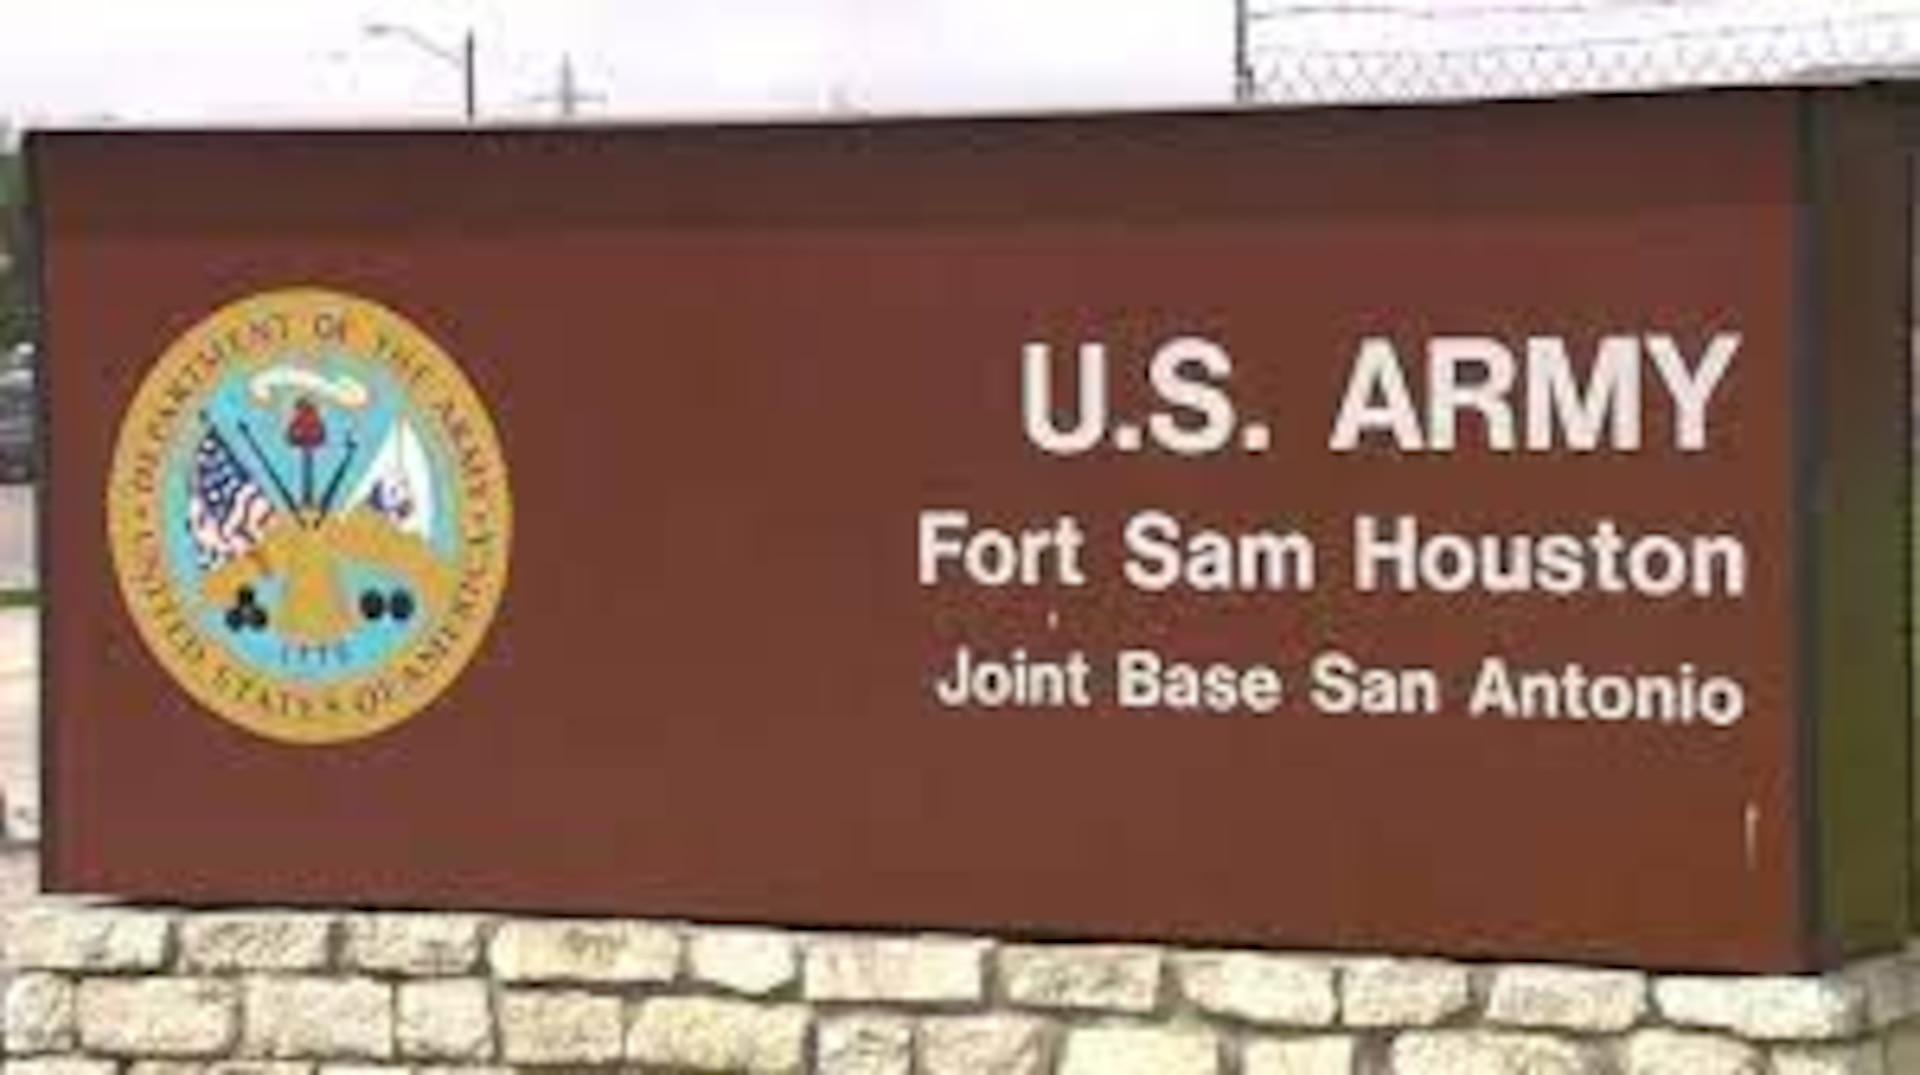 Fort Sam Houston signage